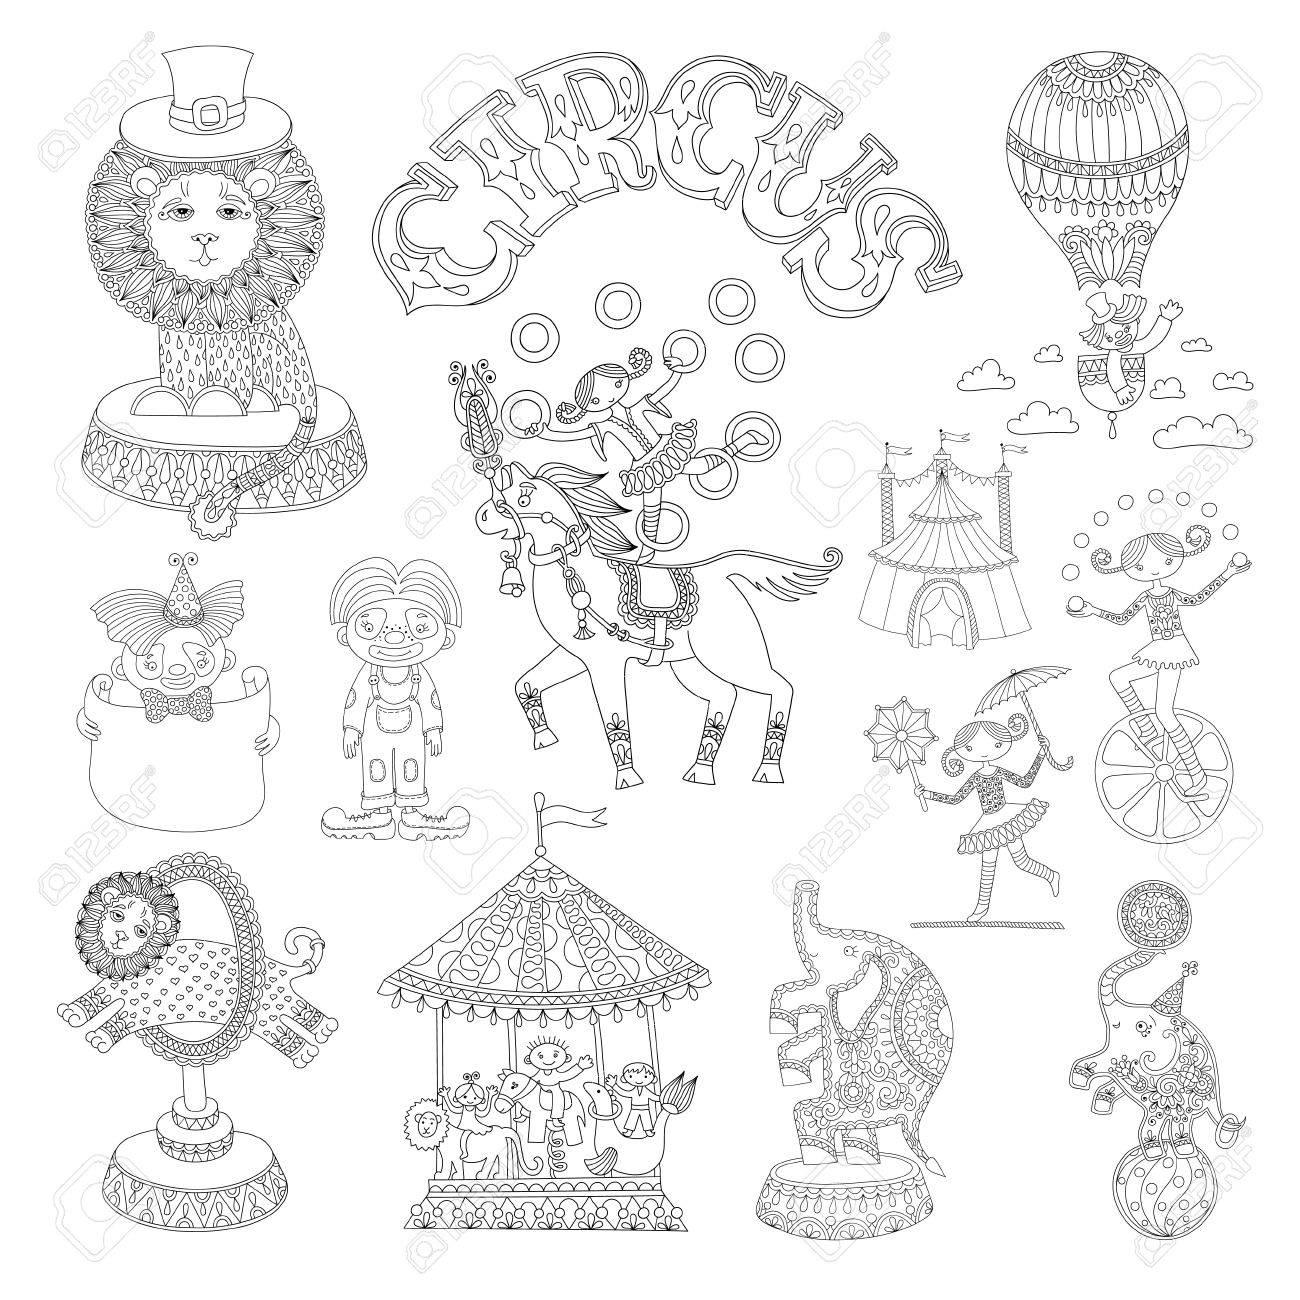 Vettoriale In Bianco E Nero Linea Disegni Art Collezione Di Tema